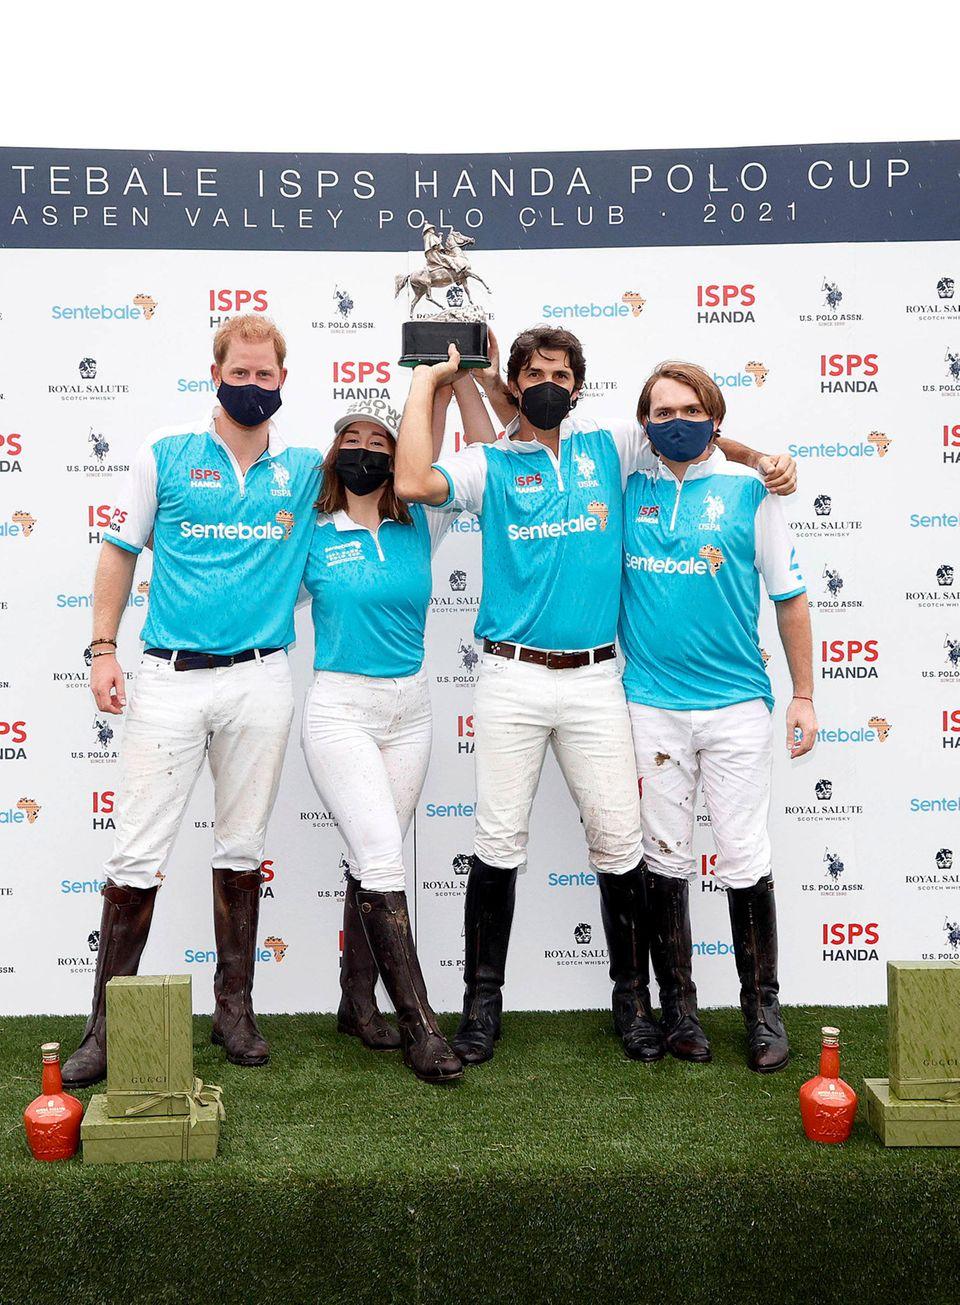 Windsor RTK: Prinz Harry mit Polo Team bei Siegerehrung